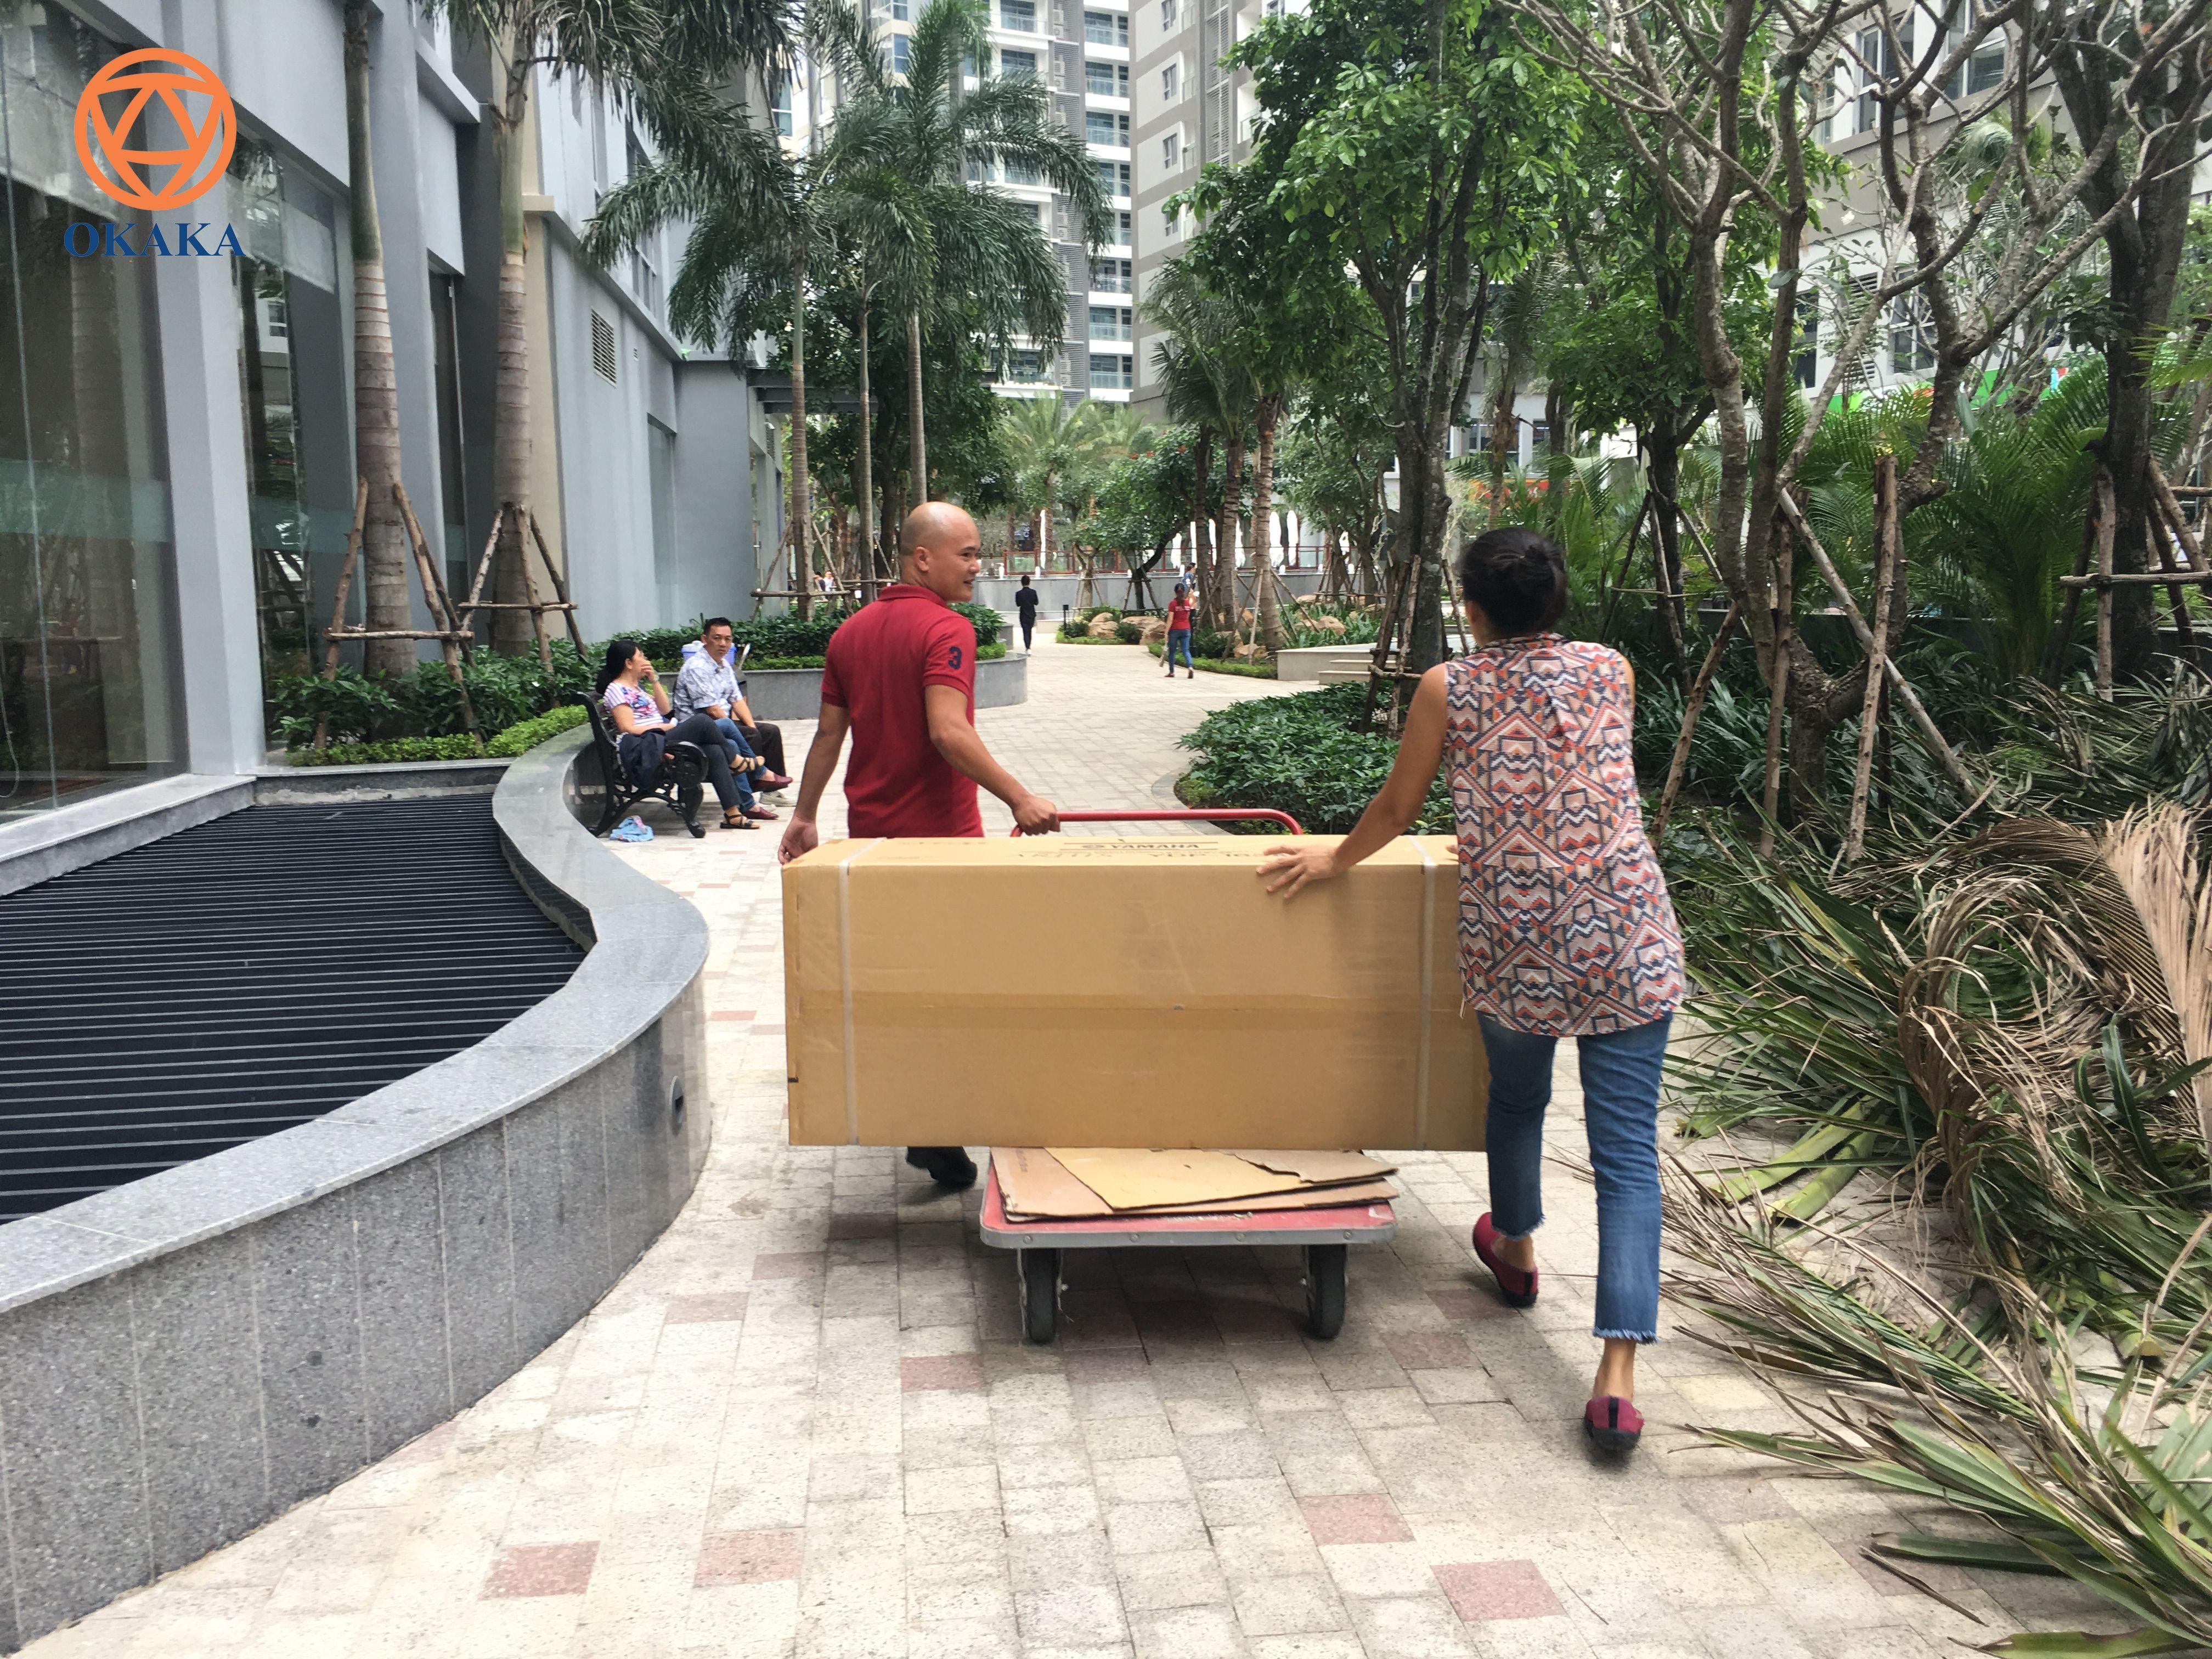 Hôm qua OKAKA đã đến Vinhomes Central Park quận Bình Thạnh giao đàn piano điện Yamaha YDP-163 cho chị Ngọc đặt mua online.